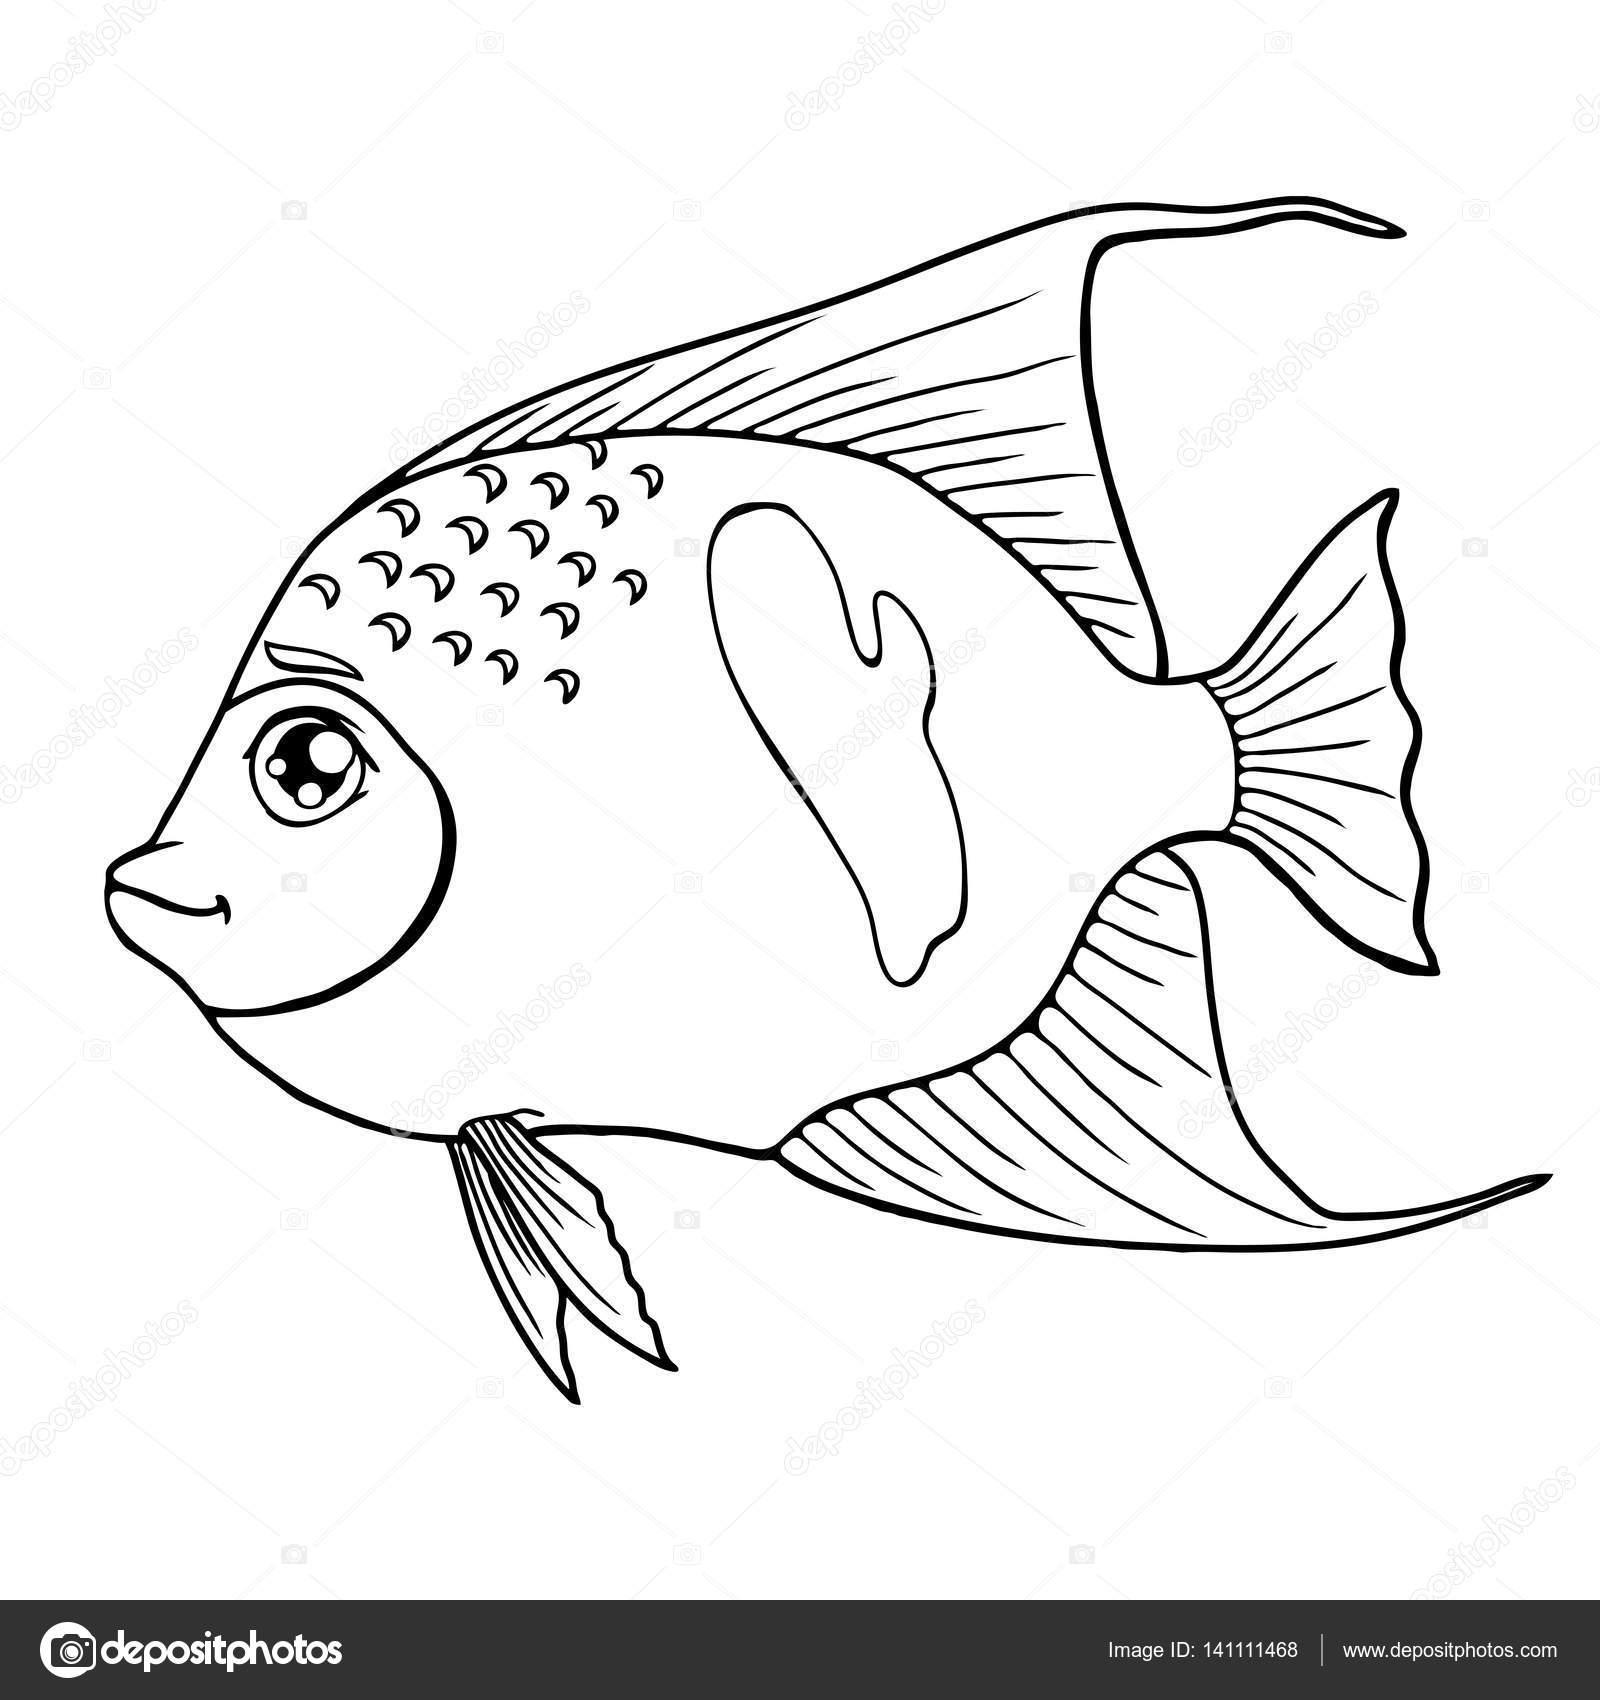 Contorno de peces angel árabe negro sobre blanco — Archivo Imágenes ...